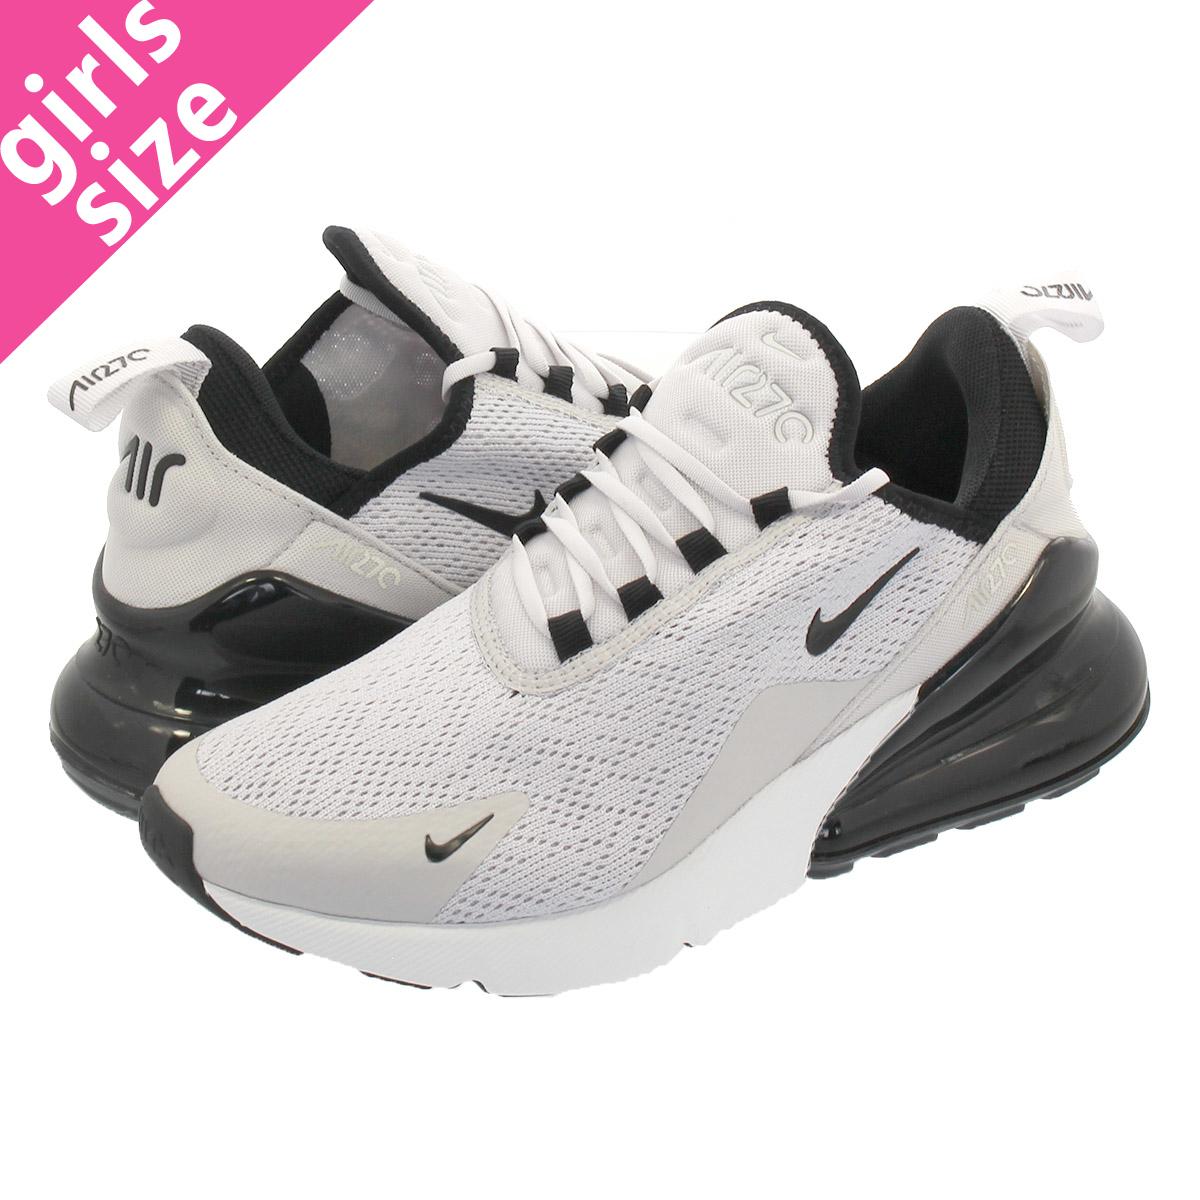 Nike Air Max 90 Premium Phantom 700155 004 Creme Khaki Maat 45,5